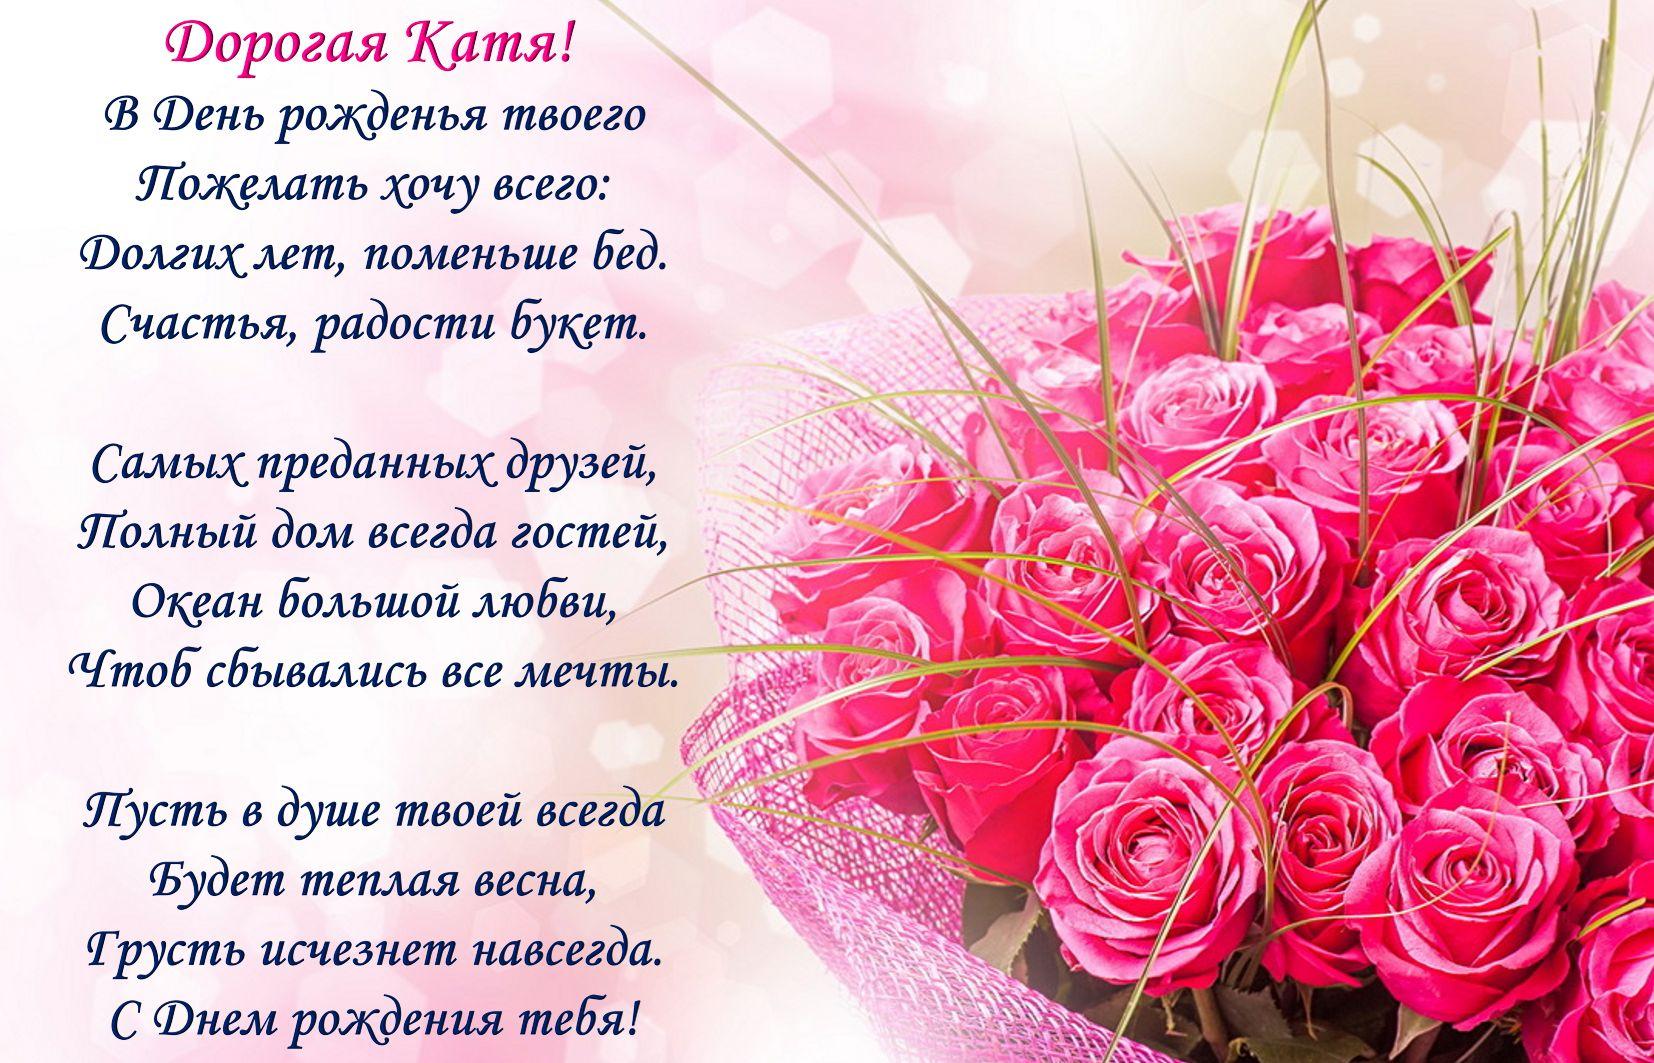 Екатерина поздравляю вас с днем рождения